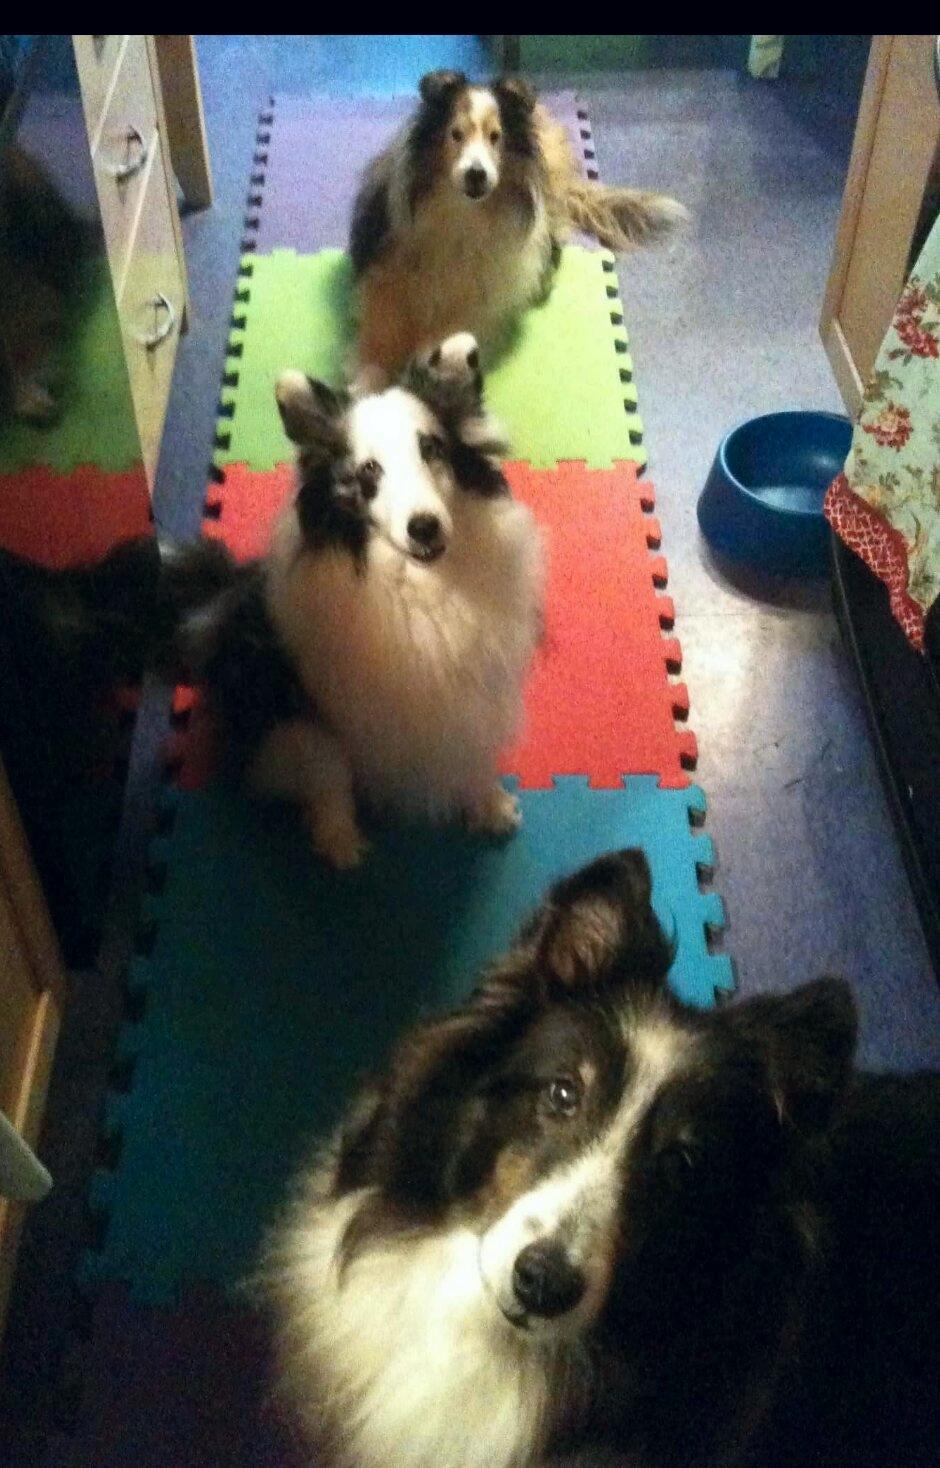 Tex, Savannah, and Goat